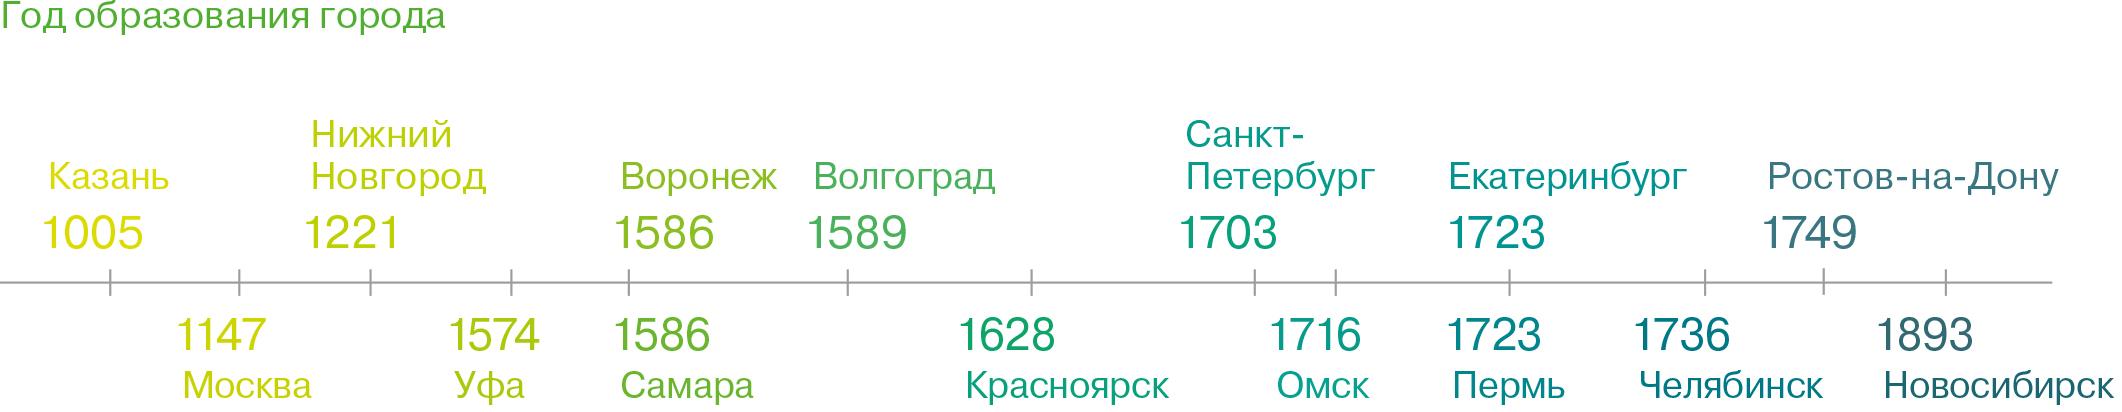 Ставки транспортного налога в 2011 году ростов-на-дону заработать в интернете и вывести на киви